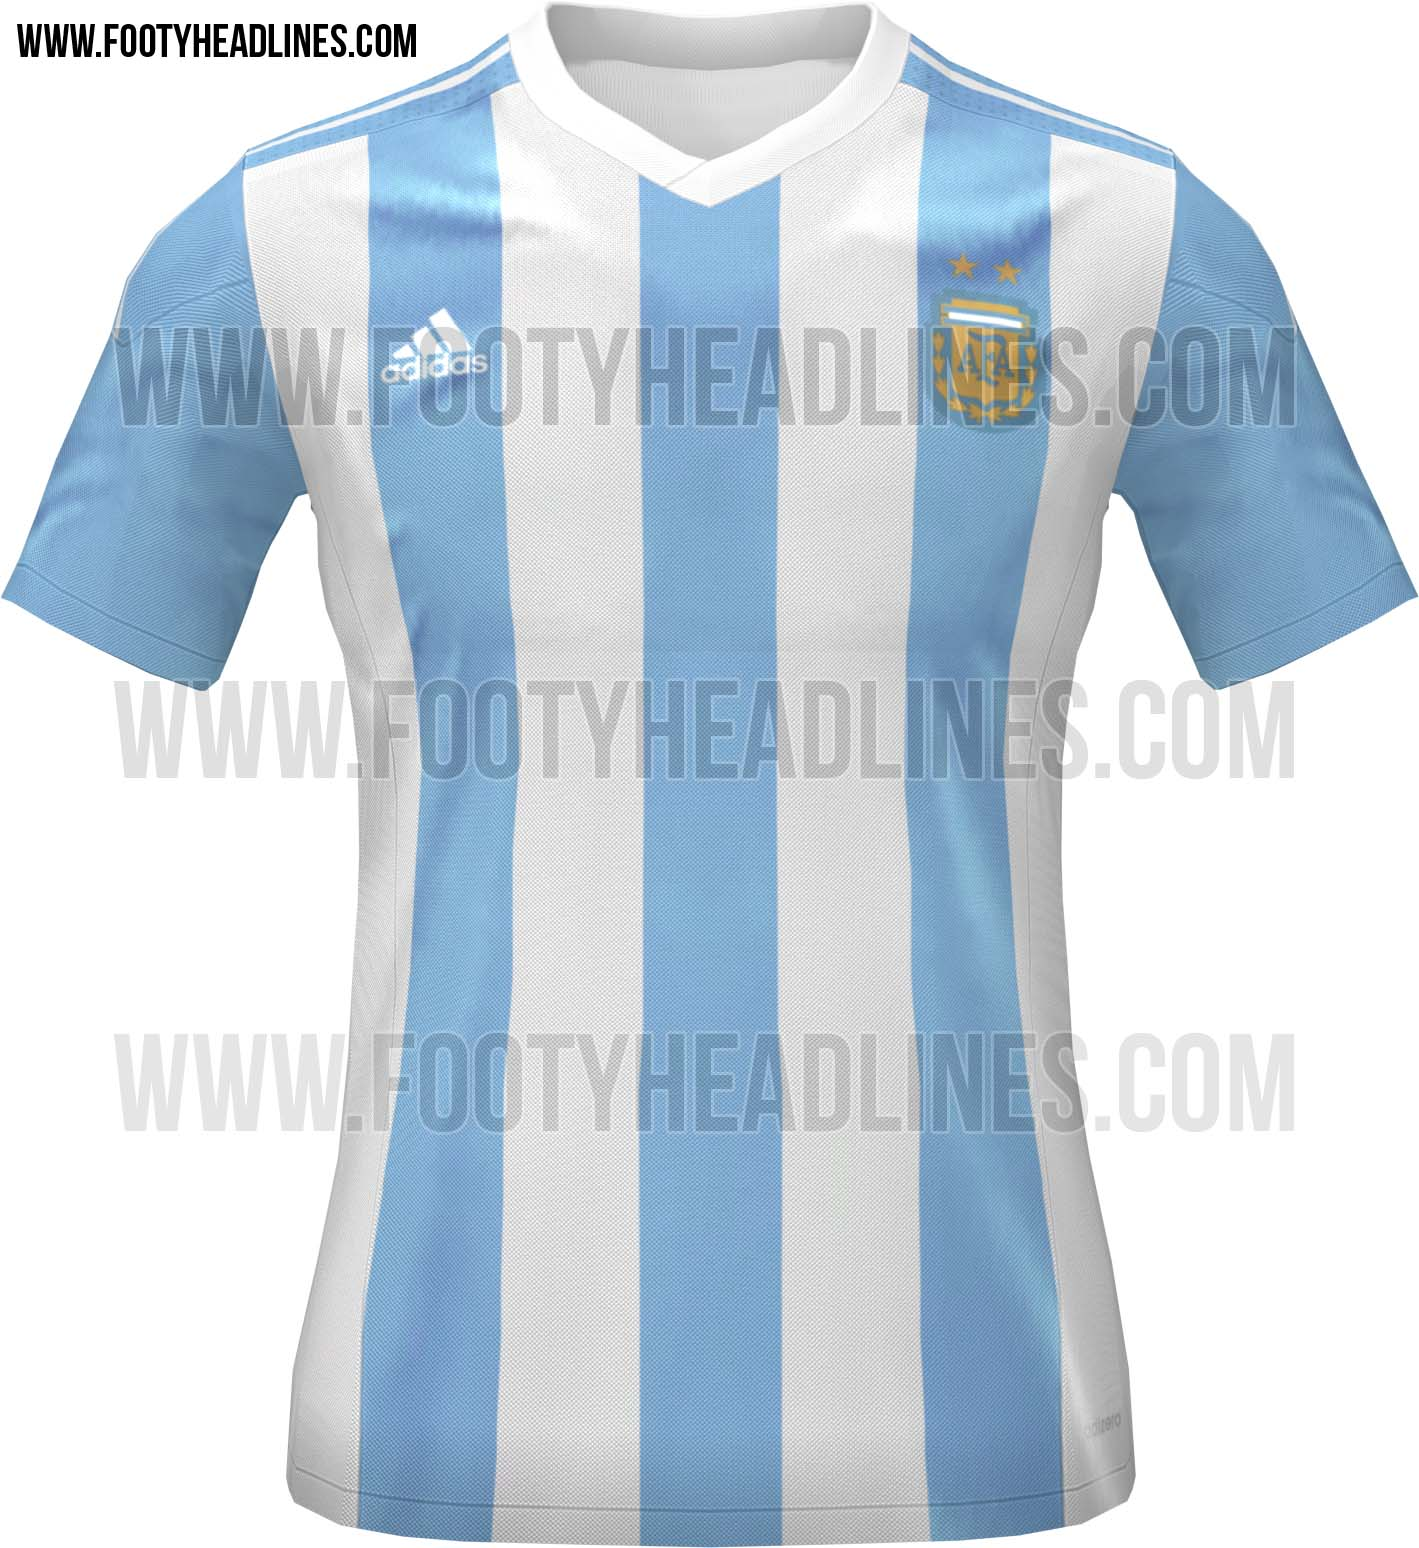 La nueva camiseta de la Seleccion Argentina 2015